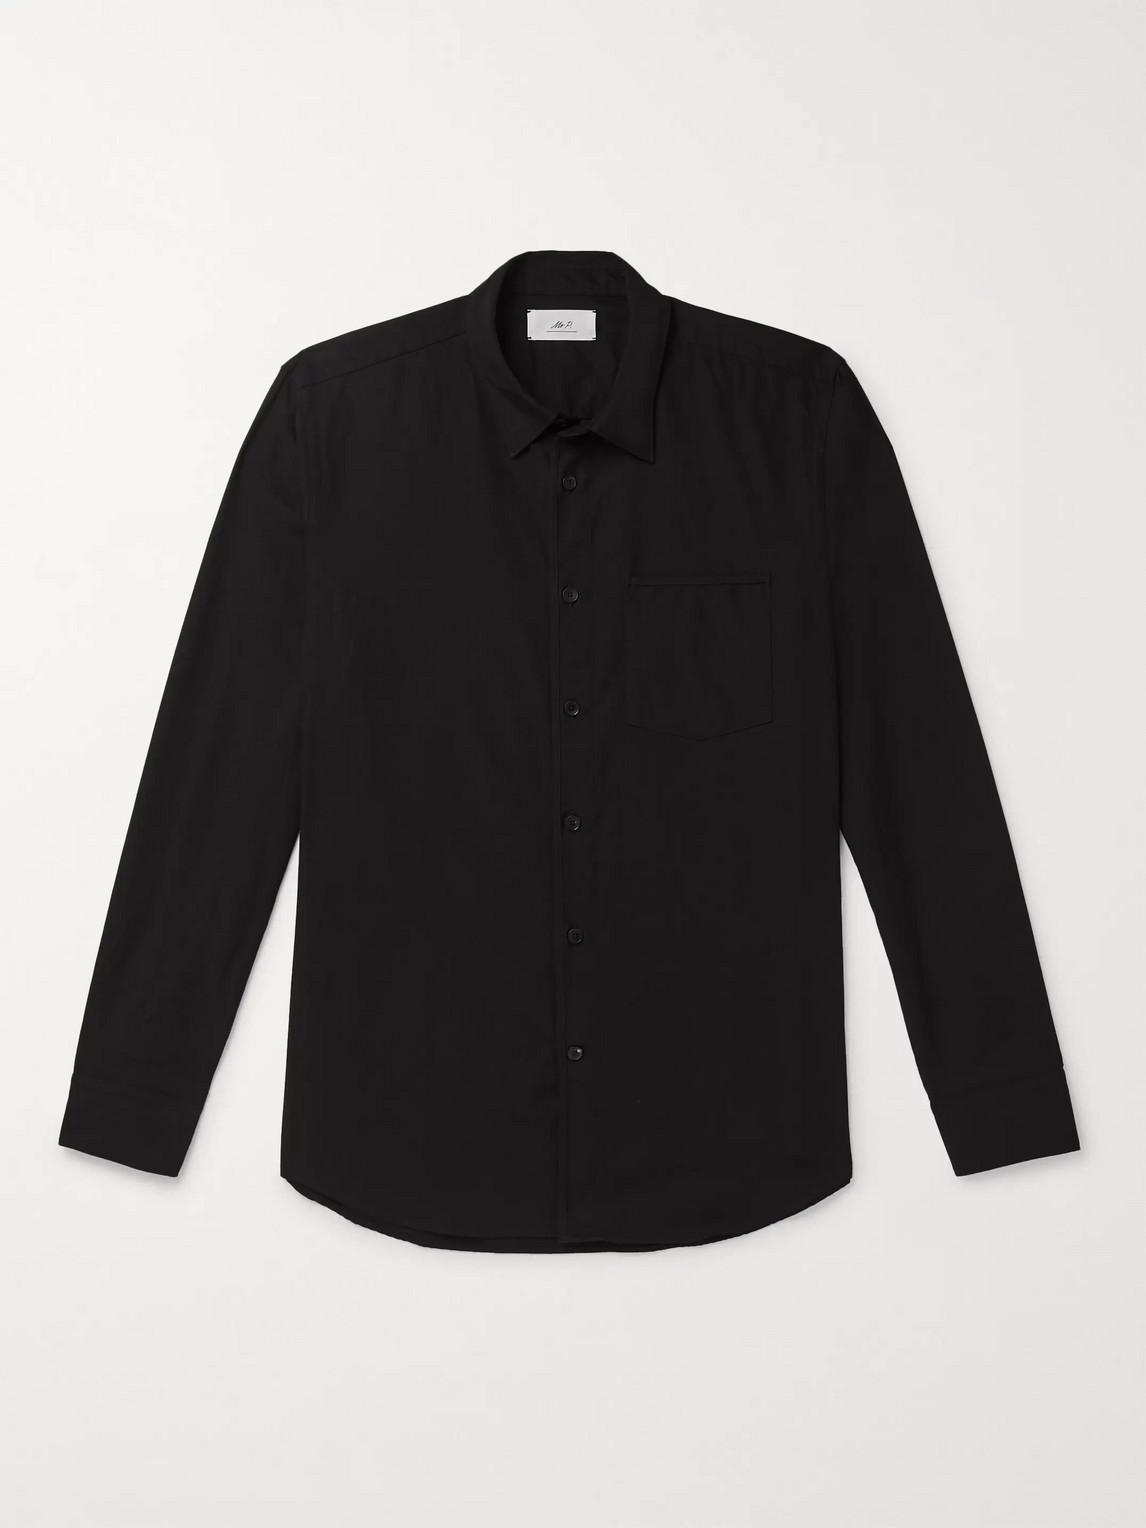 mr p. - paul washed-cotton shirt - men - black